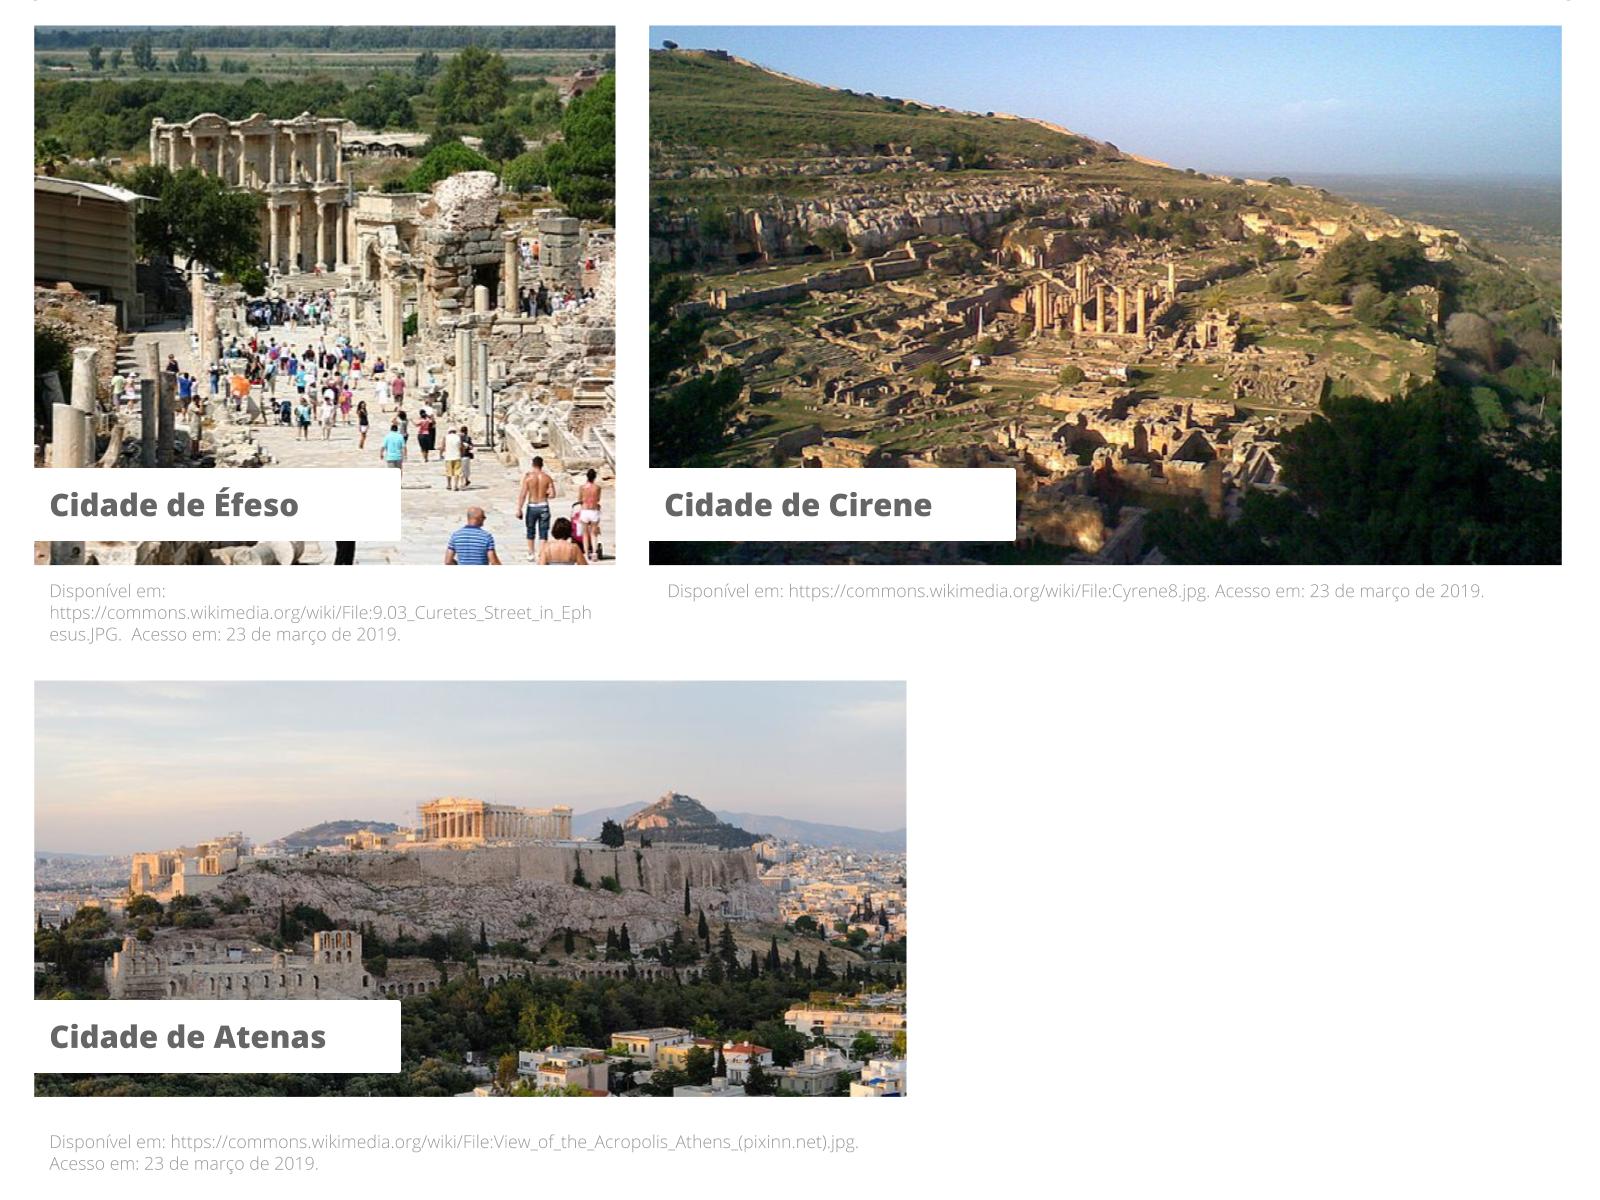 Grécia antiga e domínios territoriais